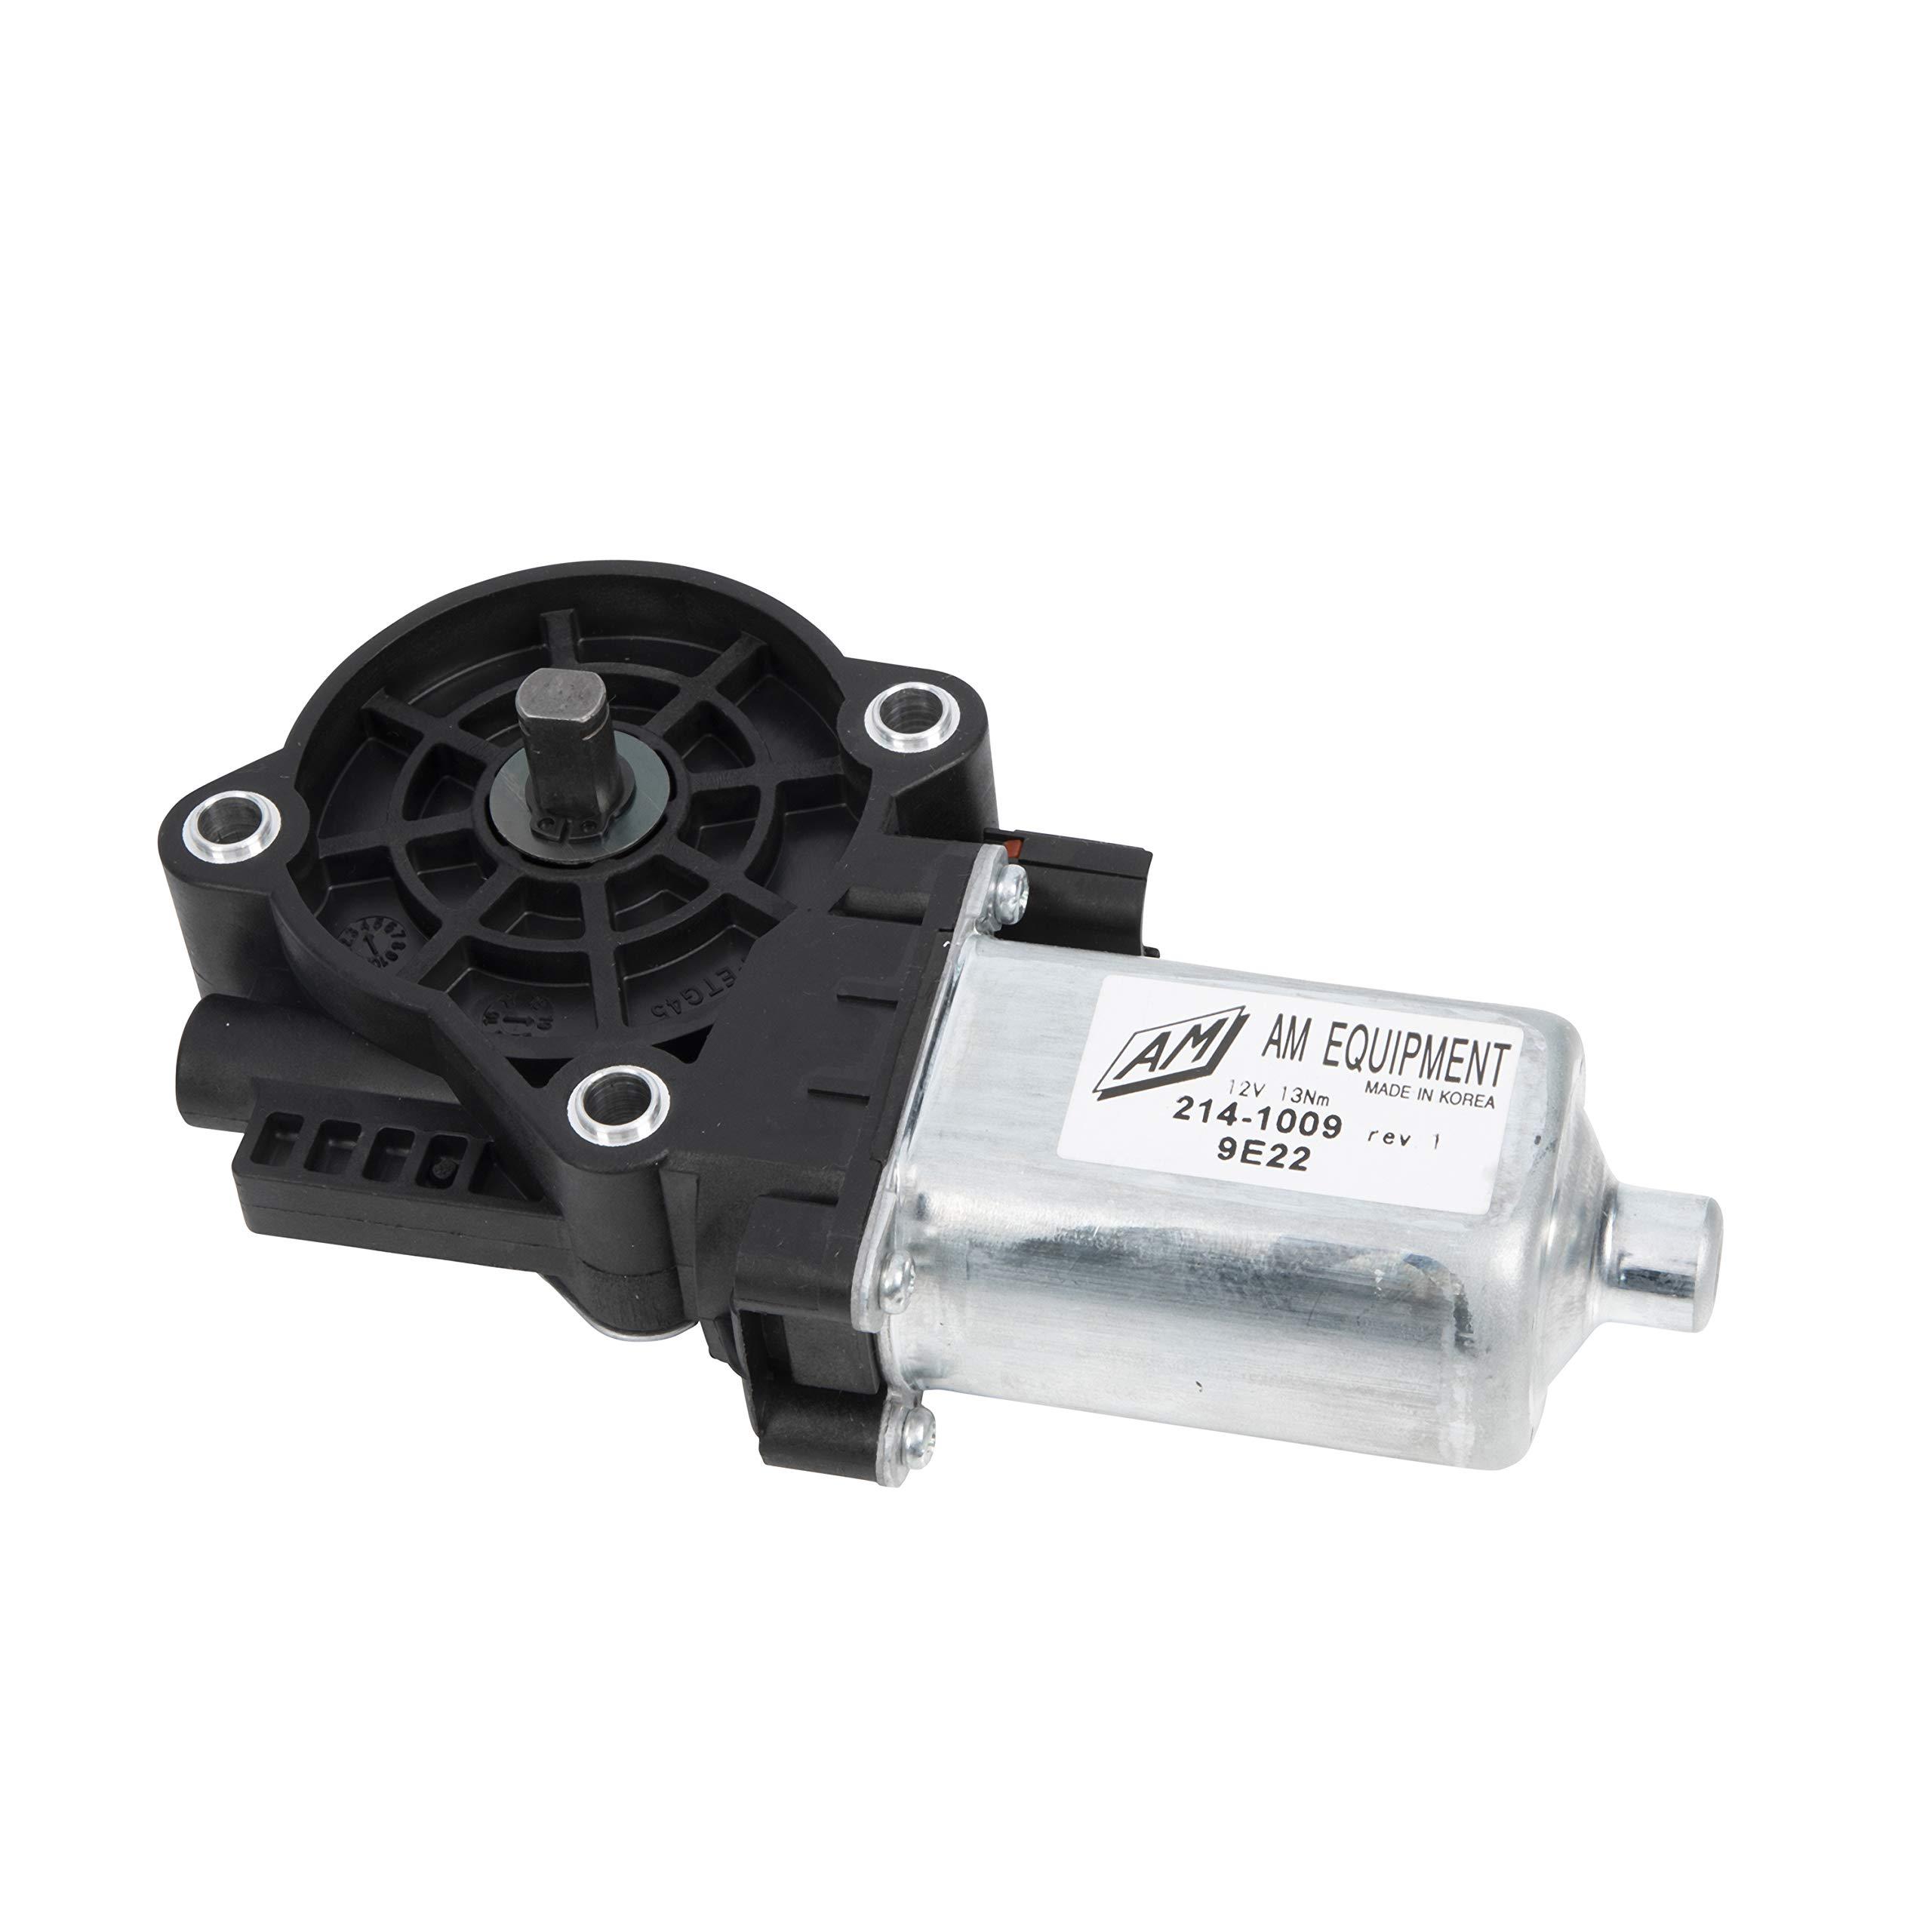 Kwikee 676061 Motor Replacement Kit,Black